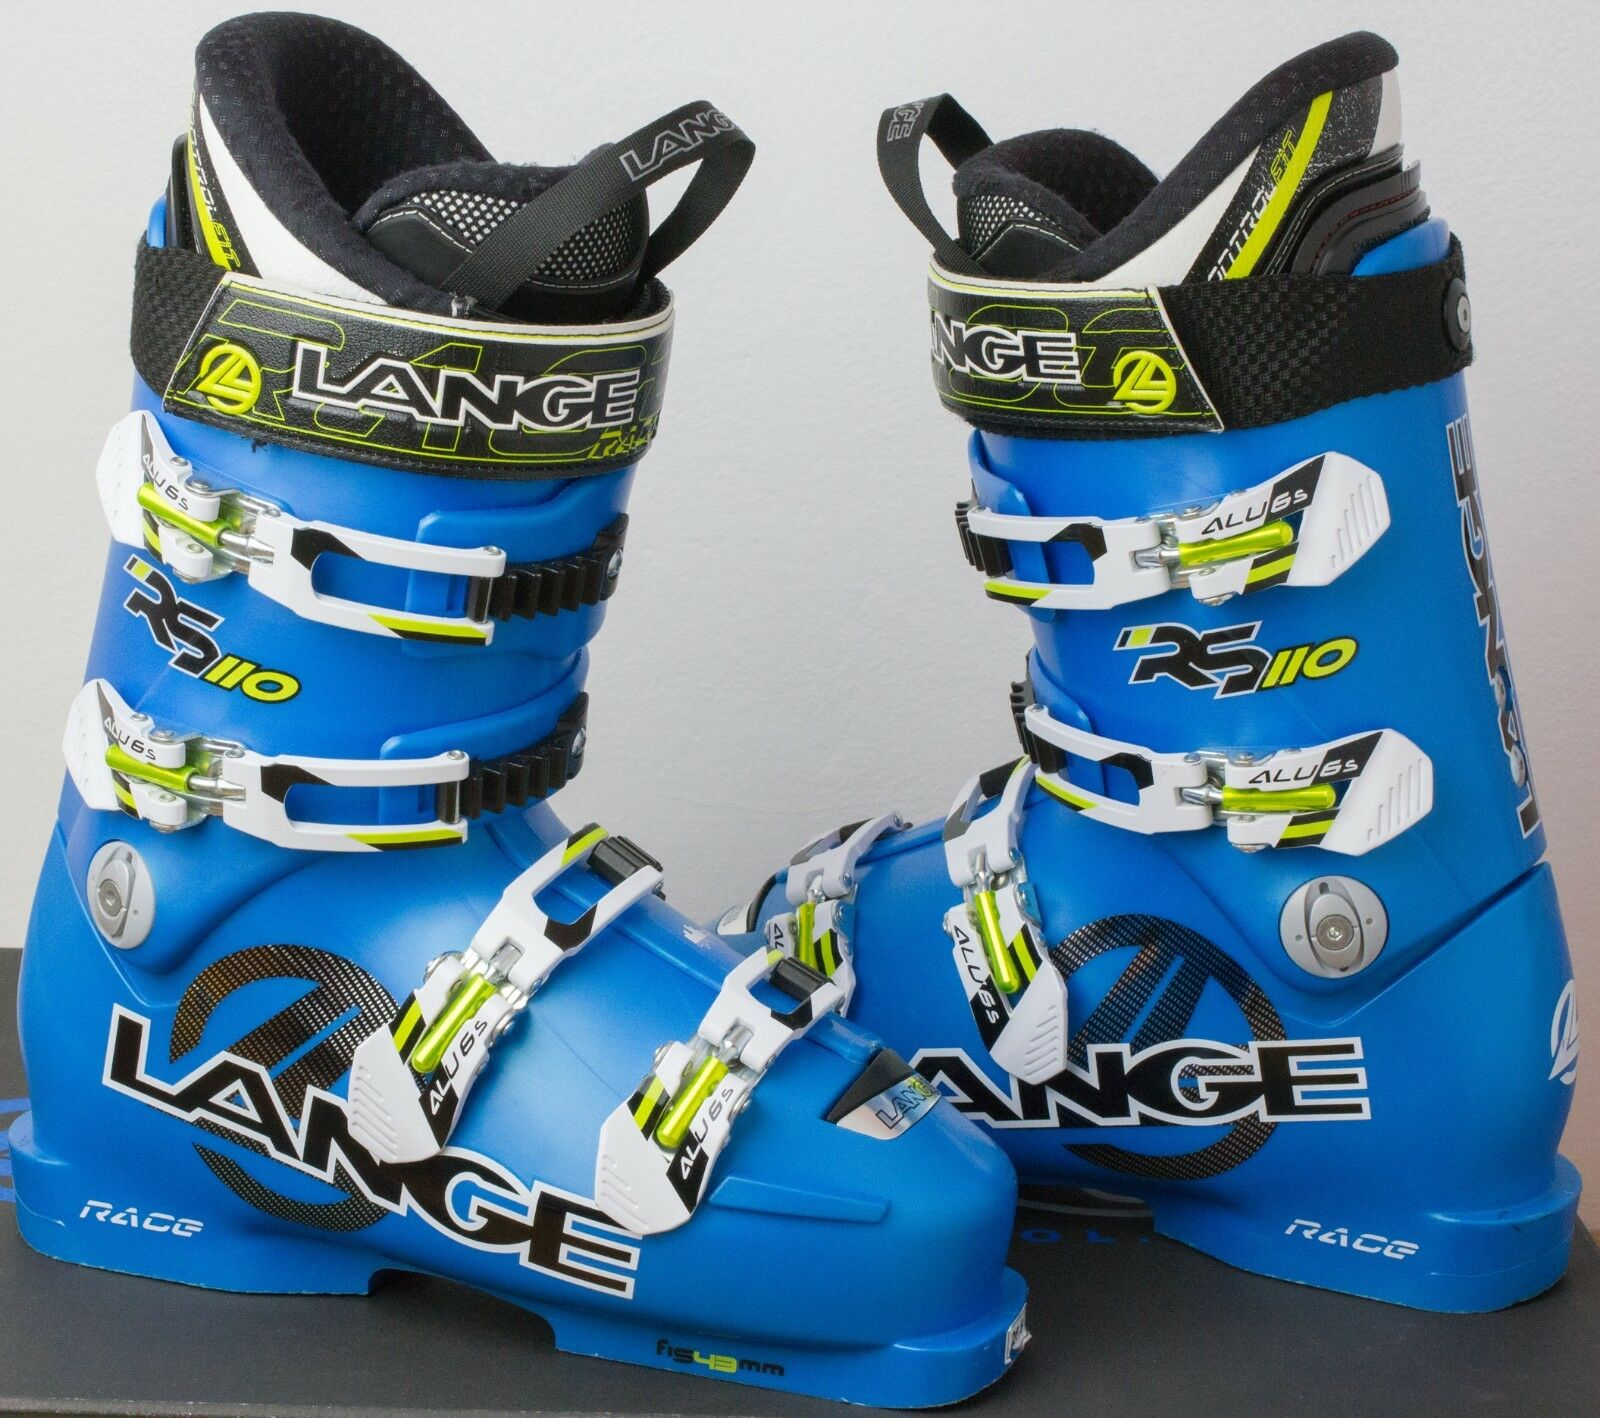 Lange RS 110 Mens  Ski Boots 29.5  incentive promotionals